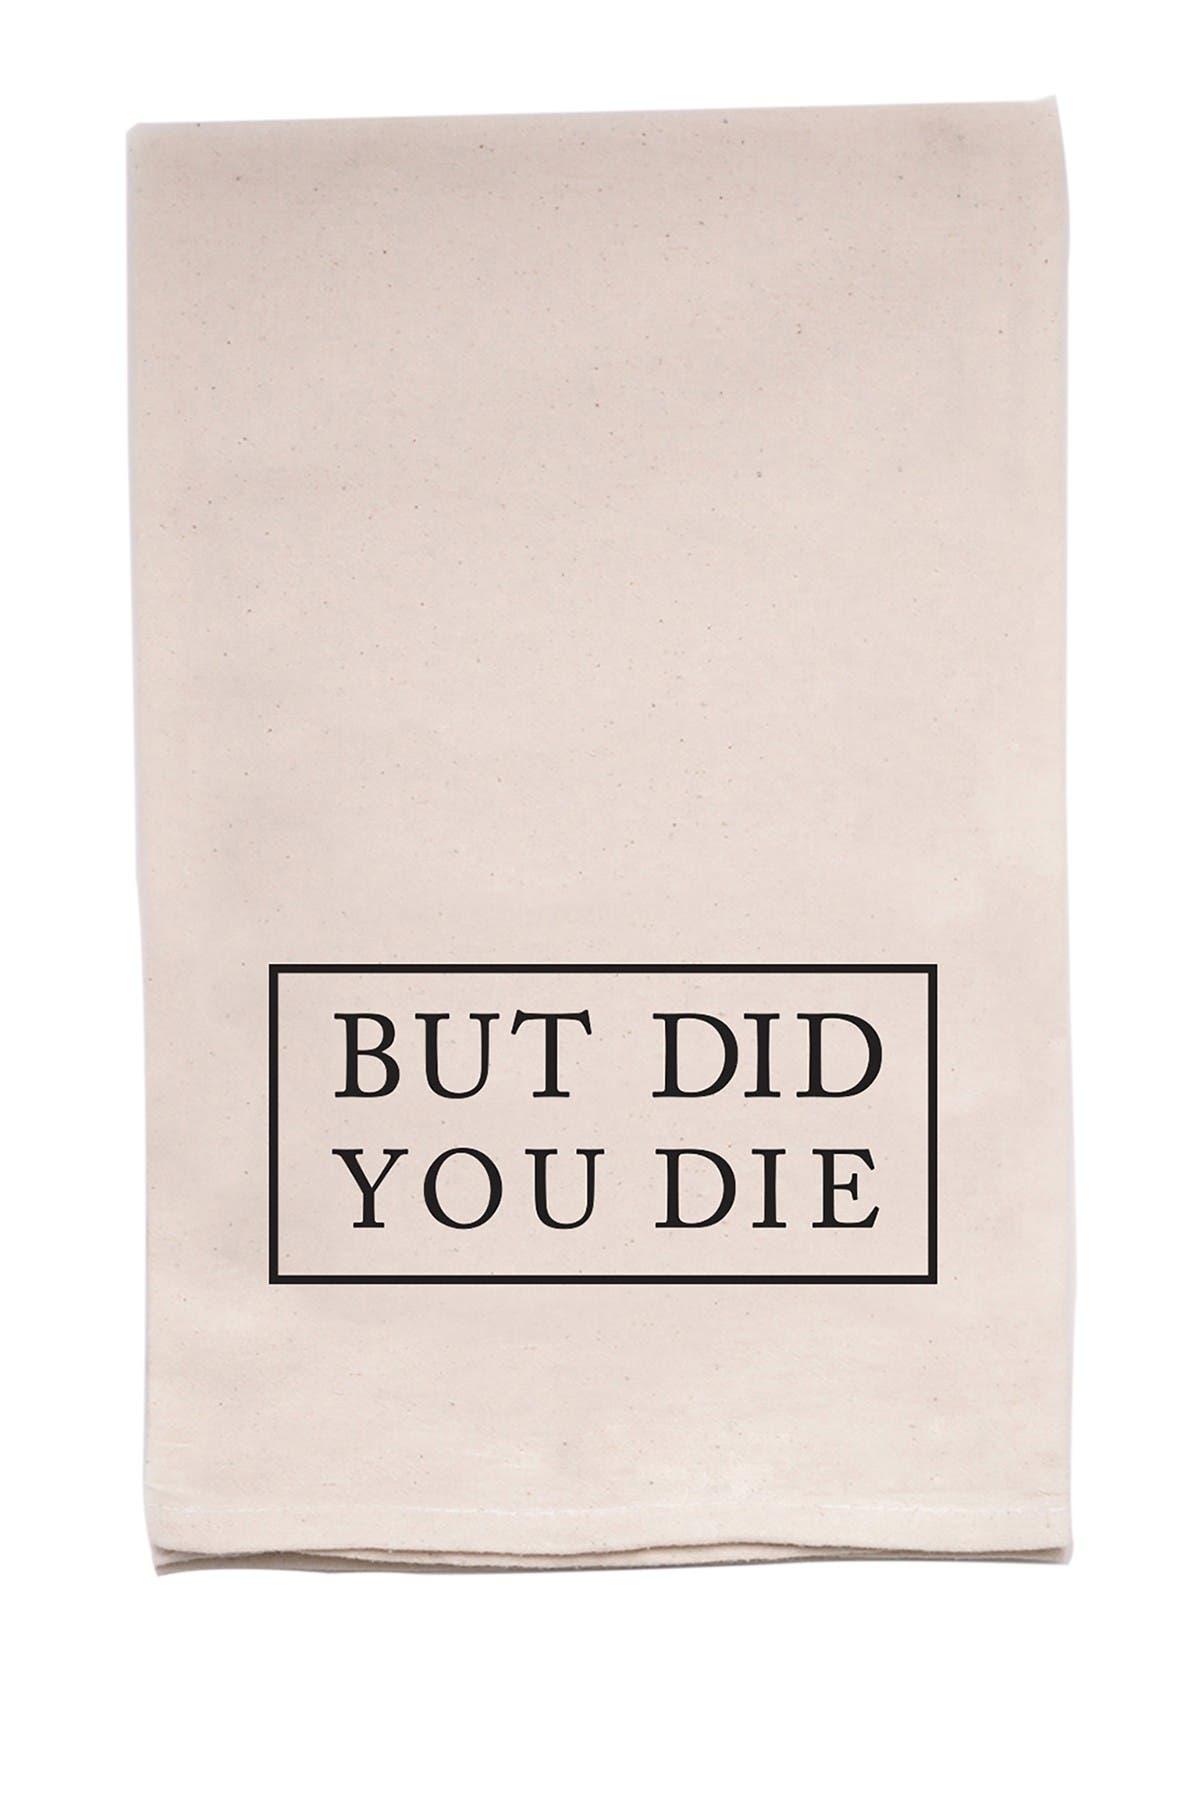 Image of ellembee Home But Did You Die Tea Towel